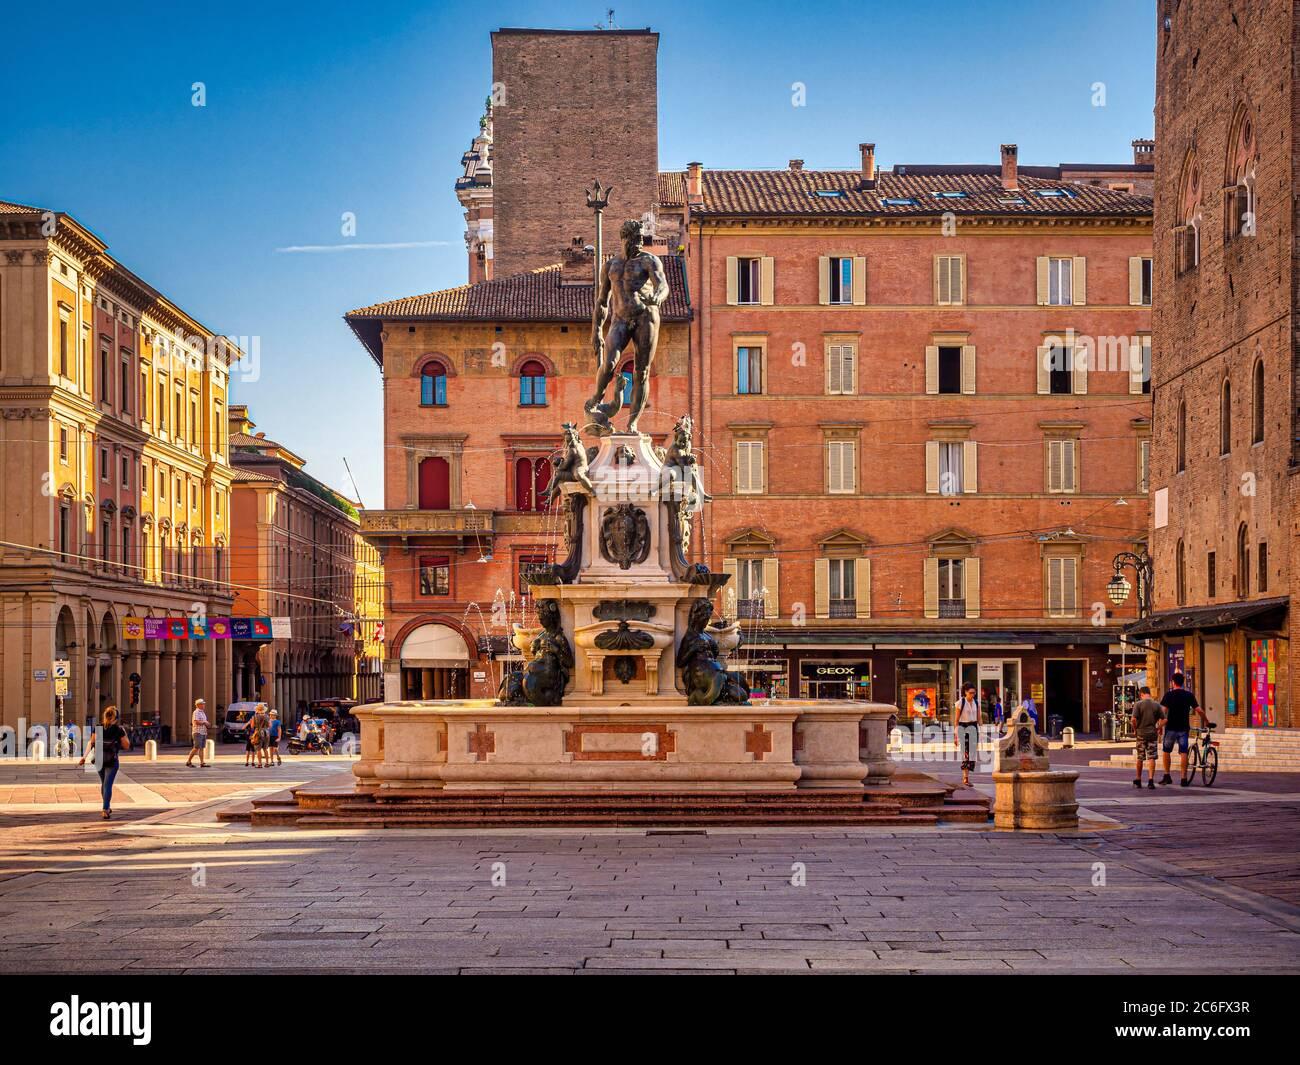 Fontana del Nettuno in Piazza del Nettuno. Bologna, Italia. Foto Stock